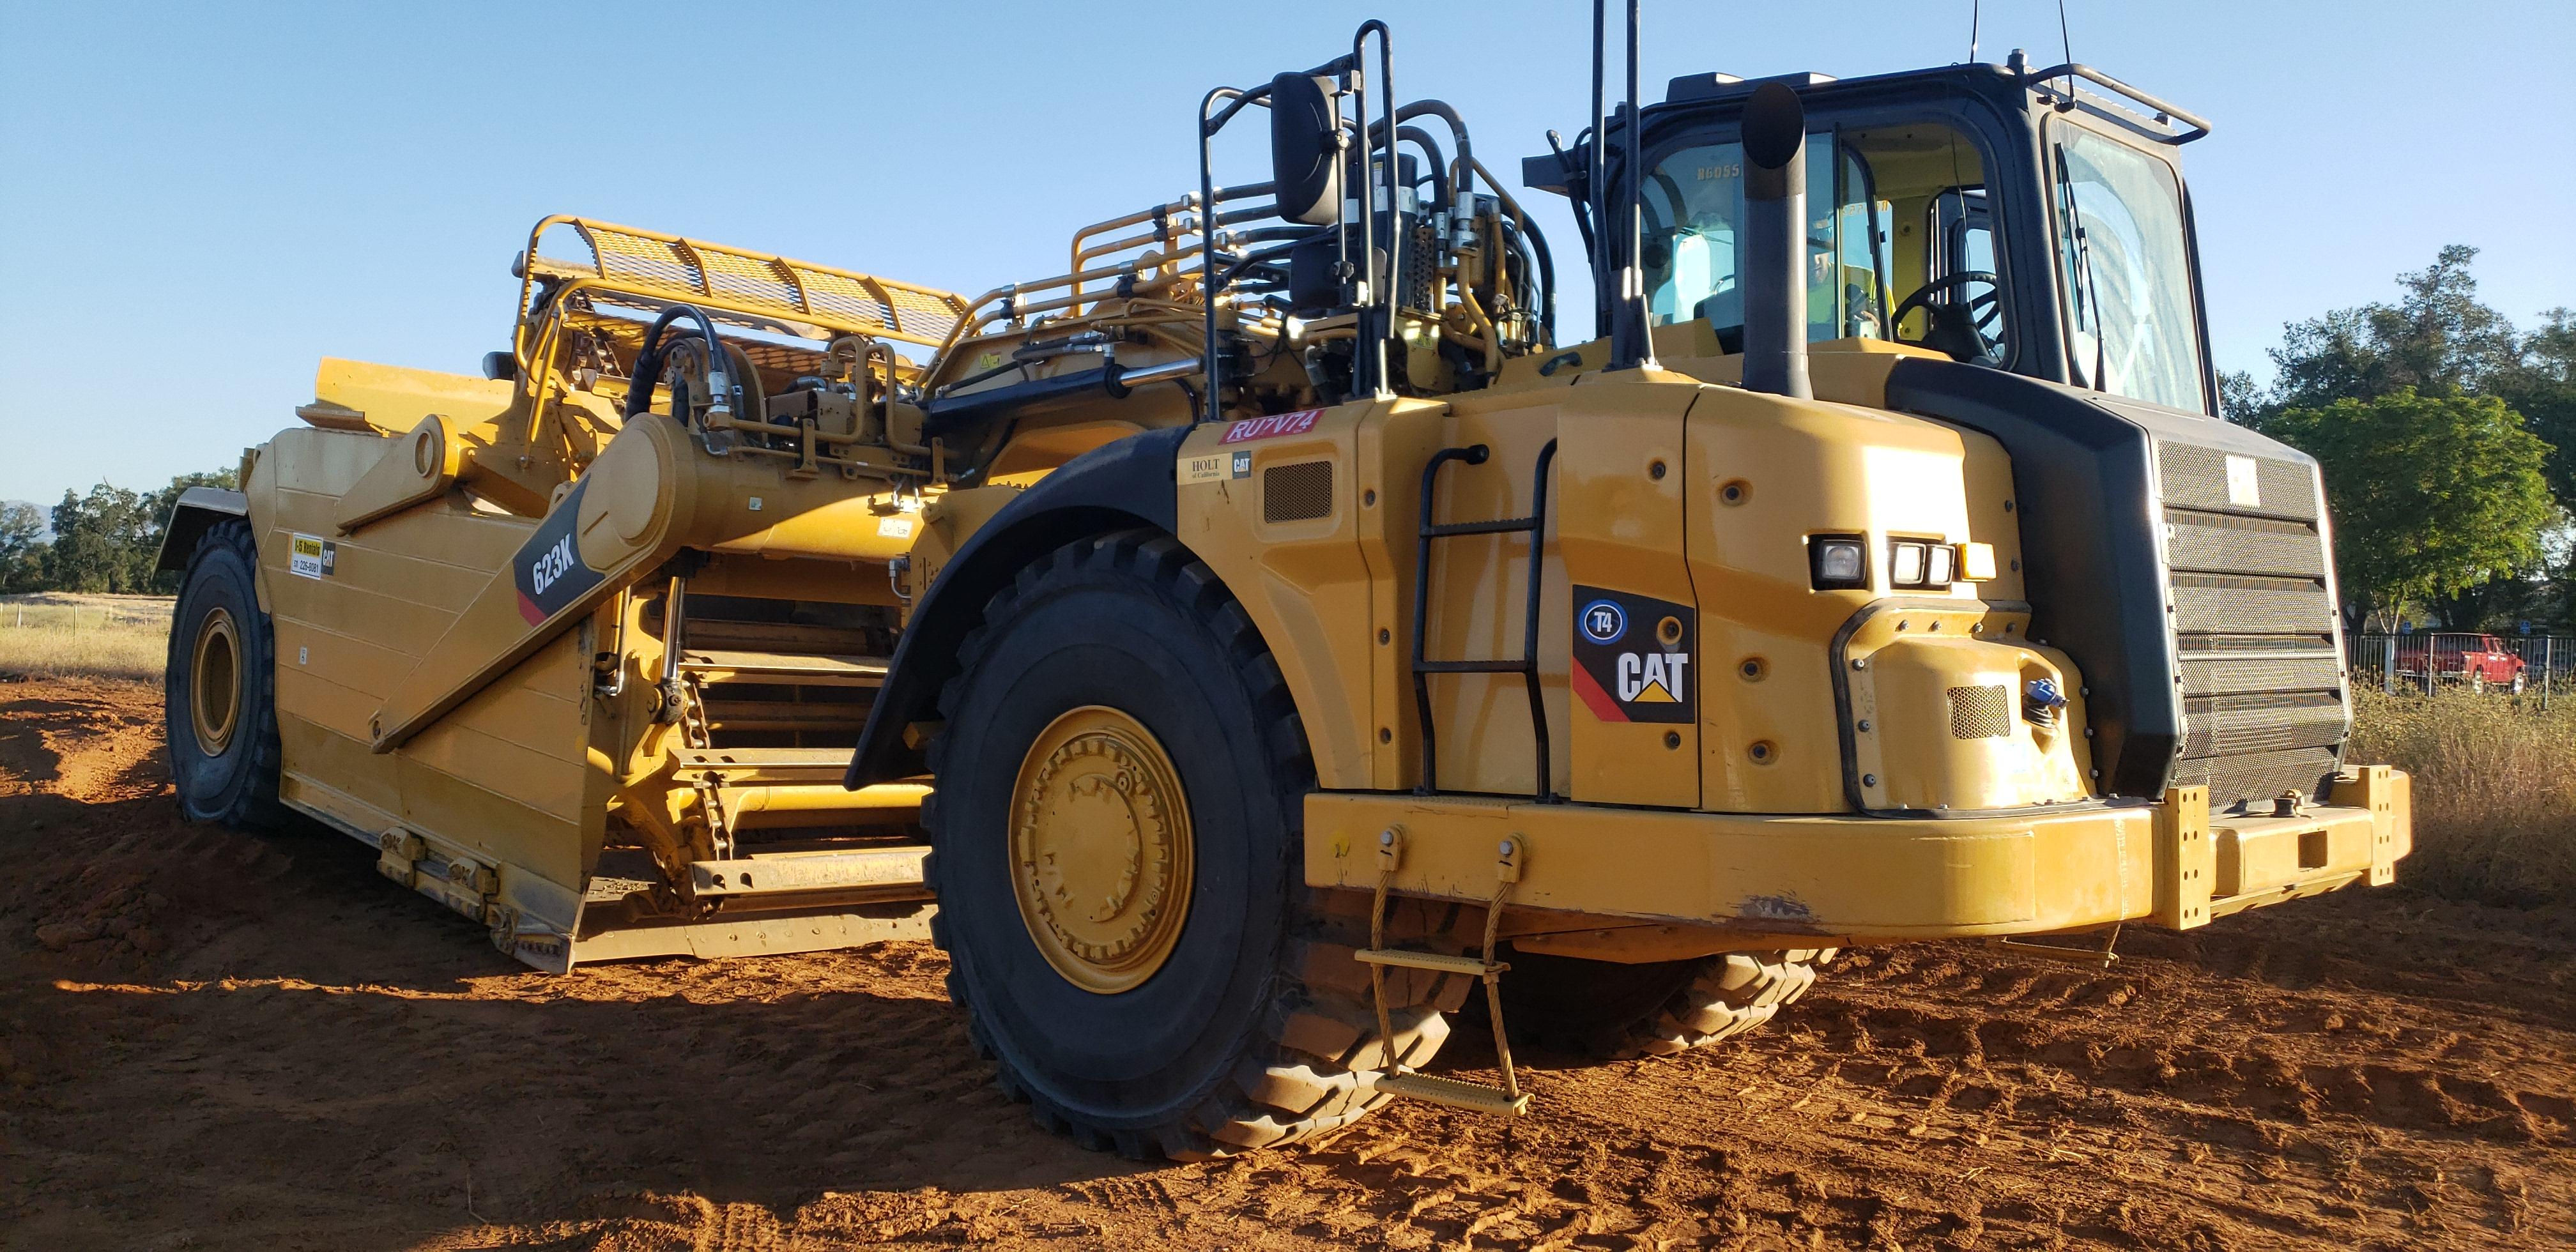 Caterpillar 623G or 623K Motor Scraper